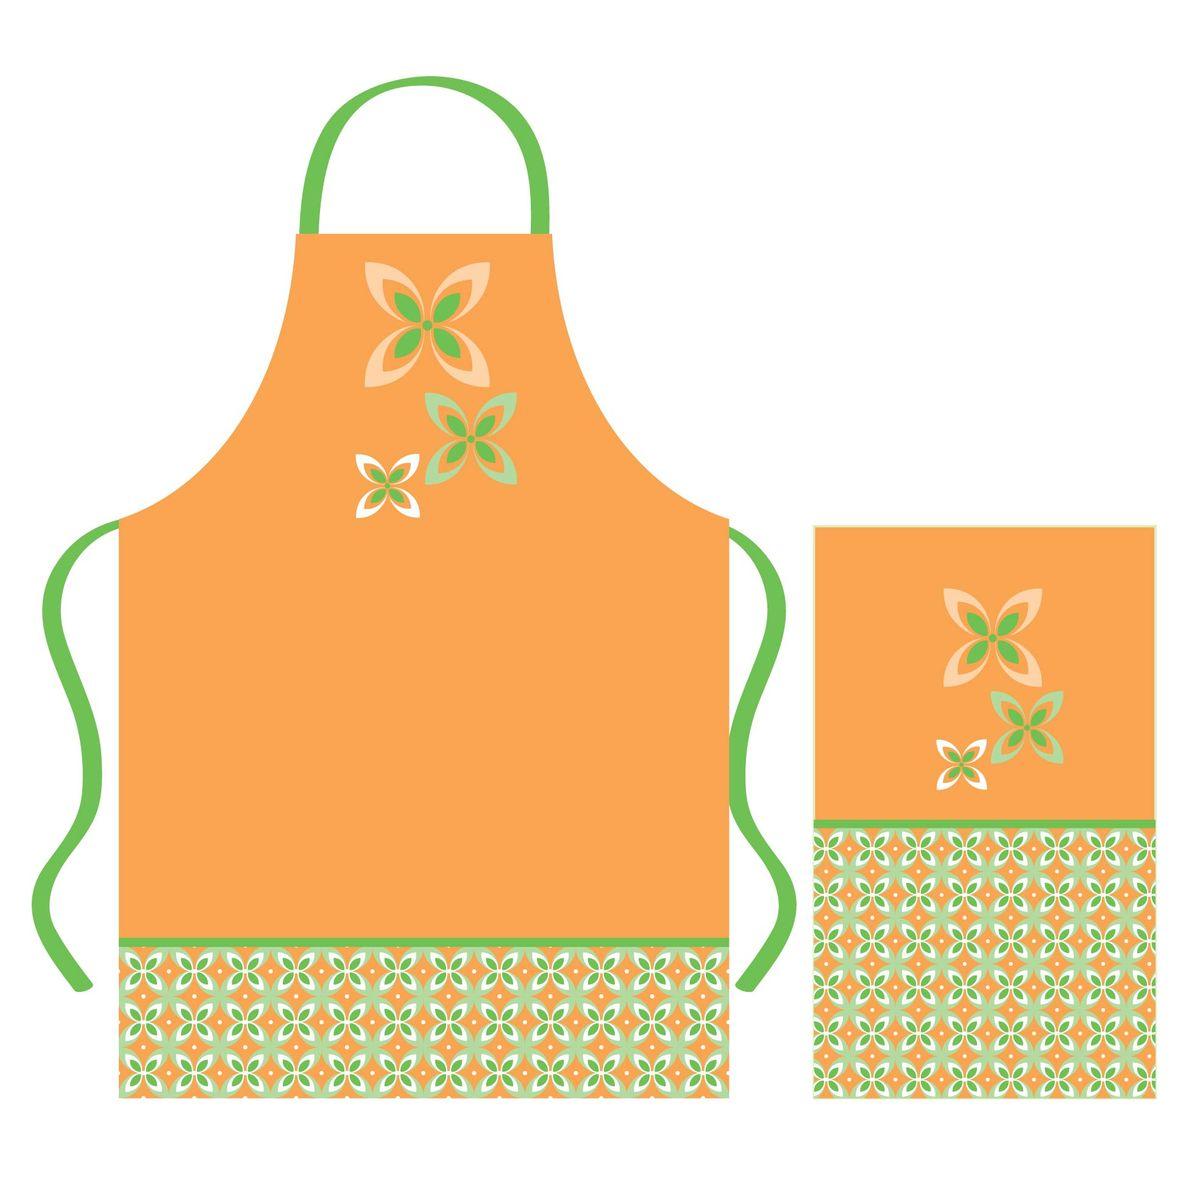 Набор кухонного текстиля Home Queen Cooking time: фартук, полотенцеS03301004Набор кухонного текстиля Home Queen Cooking time, состоящий из фартука и полотенца, выполнен из 100% хлопка и украшен оригинальным принтом.Фартук на завязках вокруг талии. Такой набор украсит интерьер вашей кухни и внесет яркую ноту в повседневные заботы.